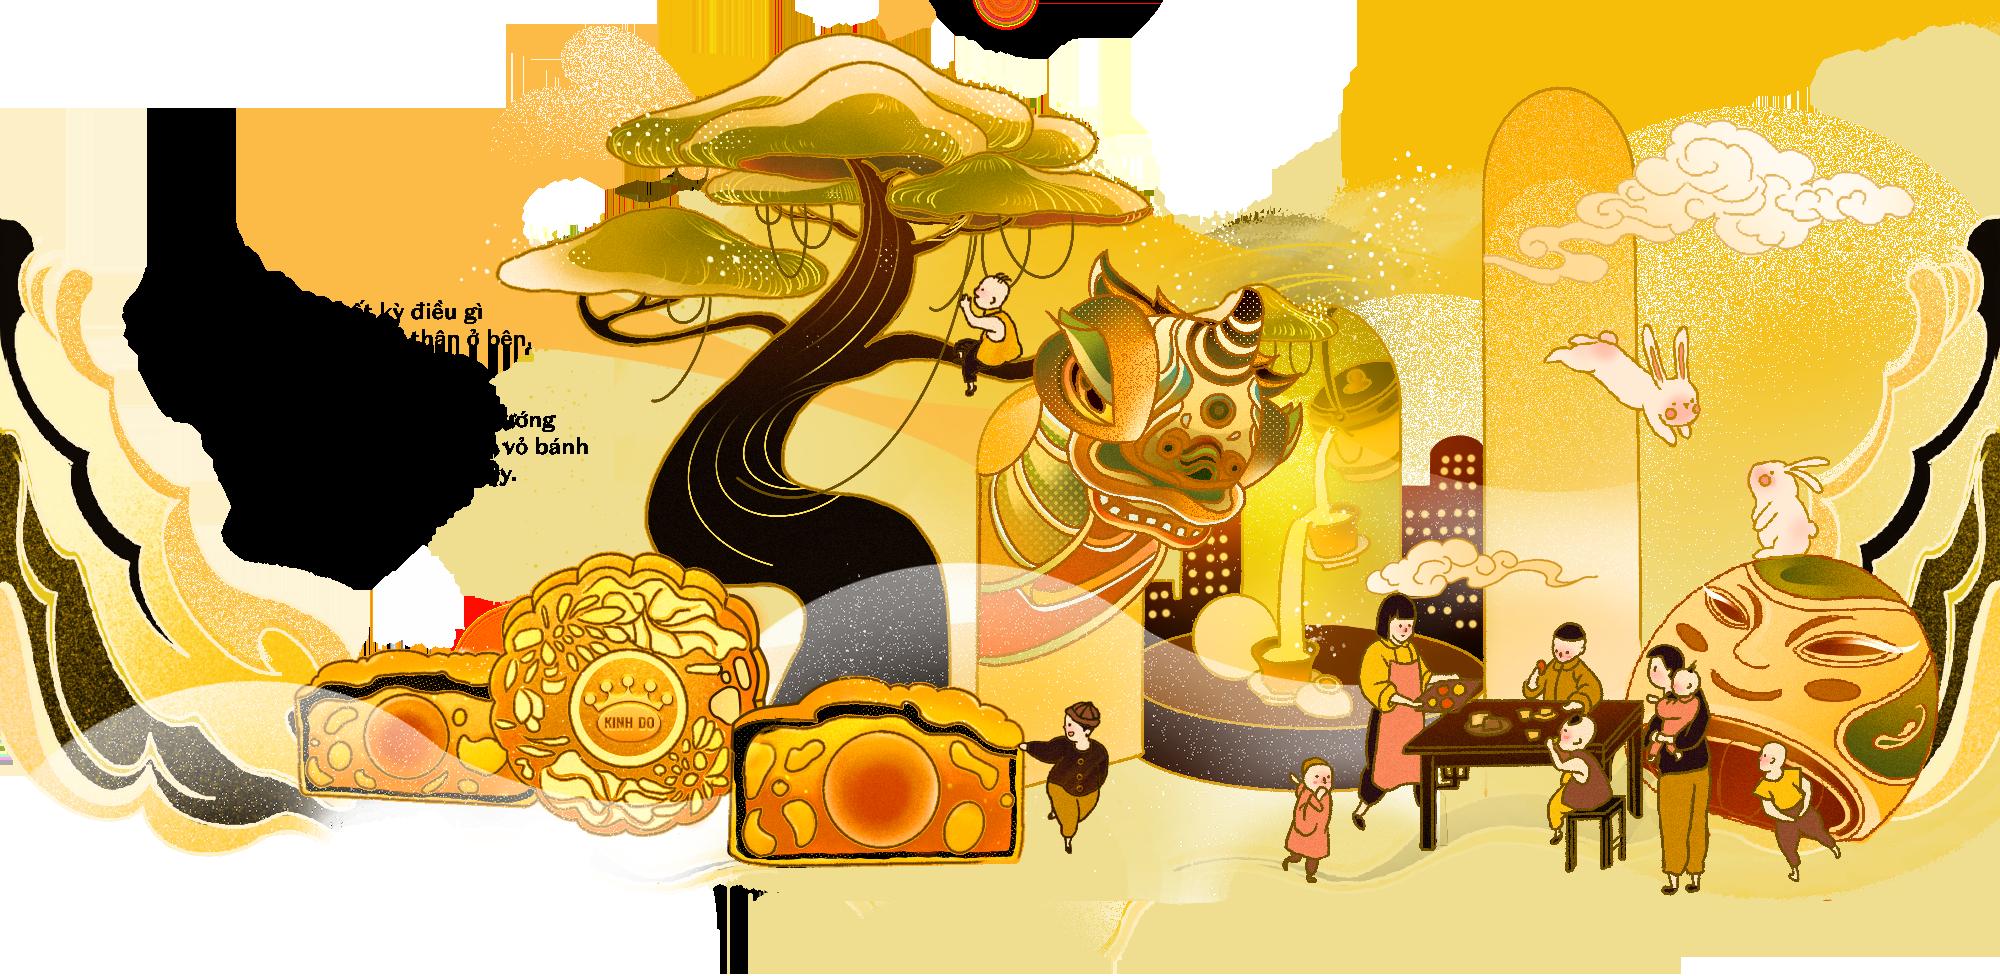 Cả tuổi thơ ngập ánh trăng gói trọn trong chiếc bánh Trung thu thơm lừng - Ảnh 3.